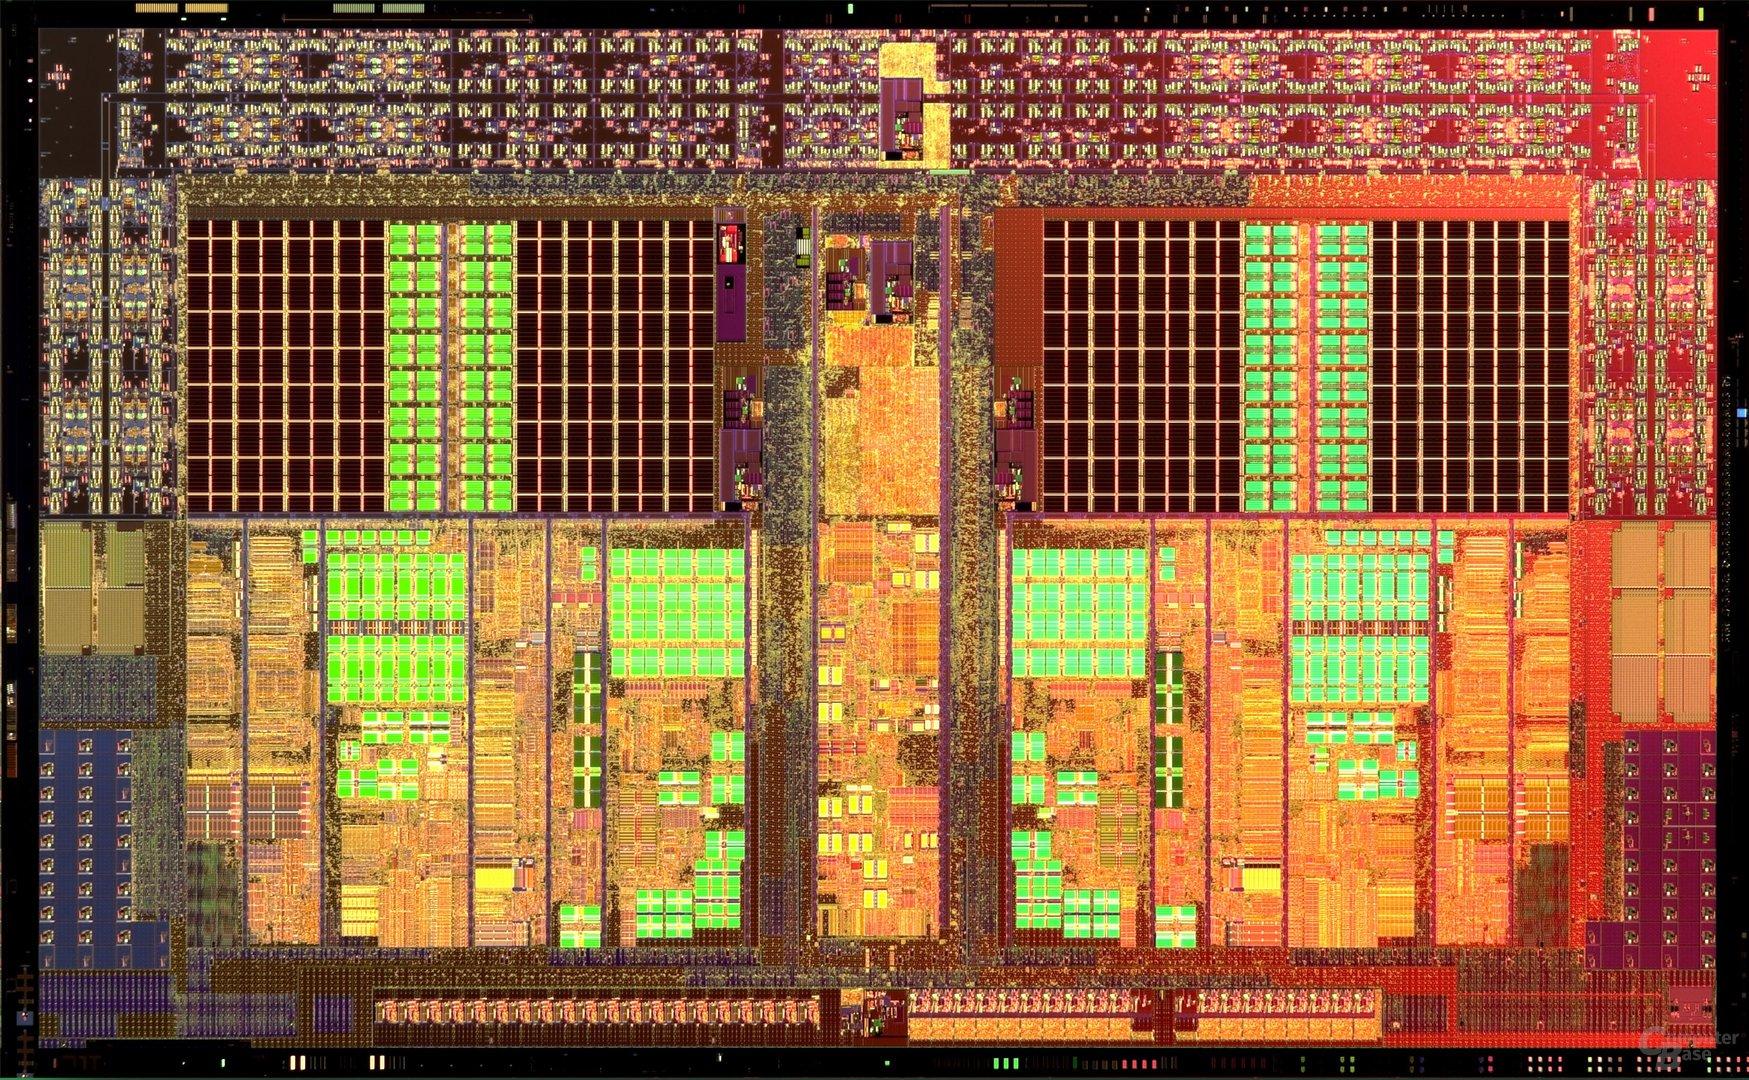 AMDs neuer Zwei-Kern-Prozessor ohne L3-Cache (Athlon II)